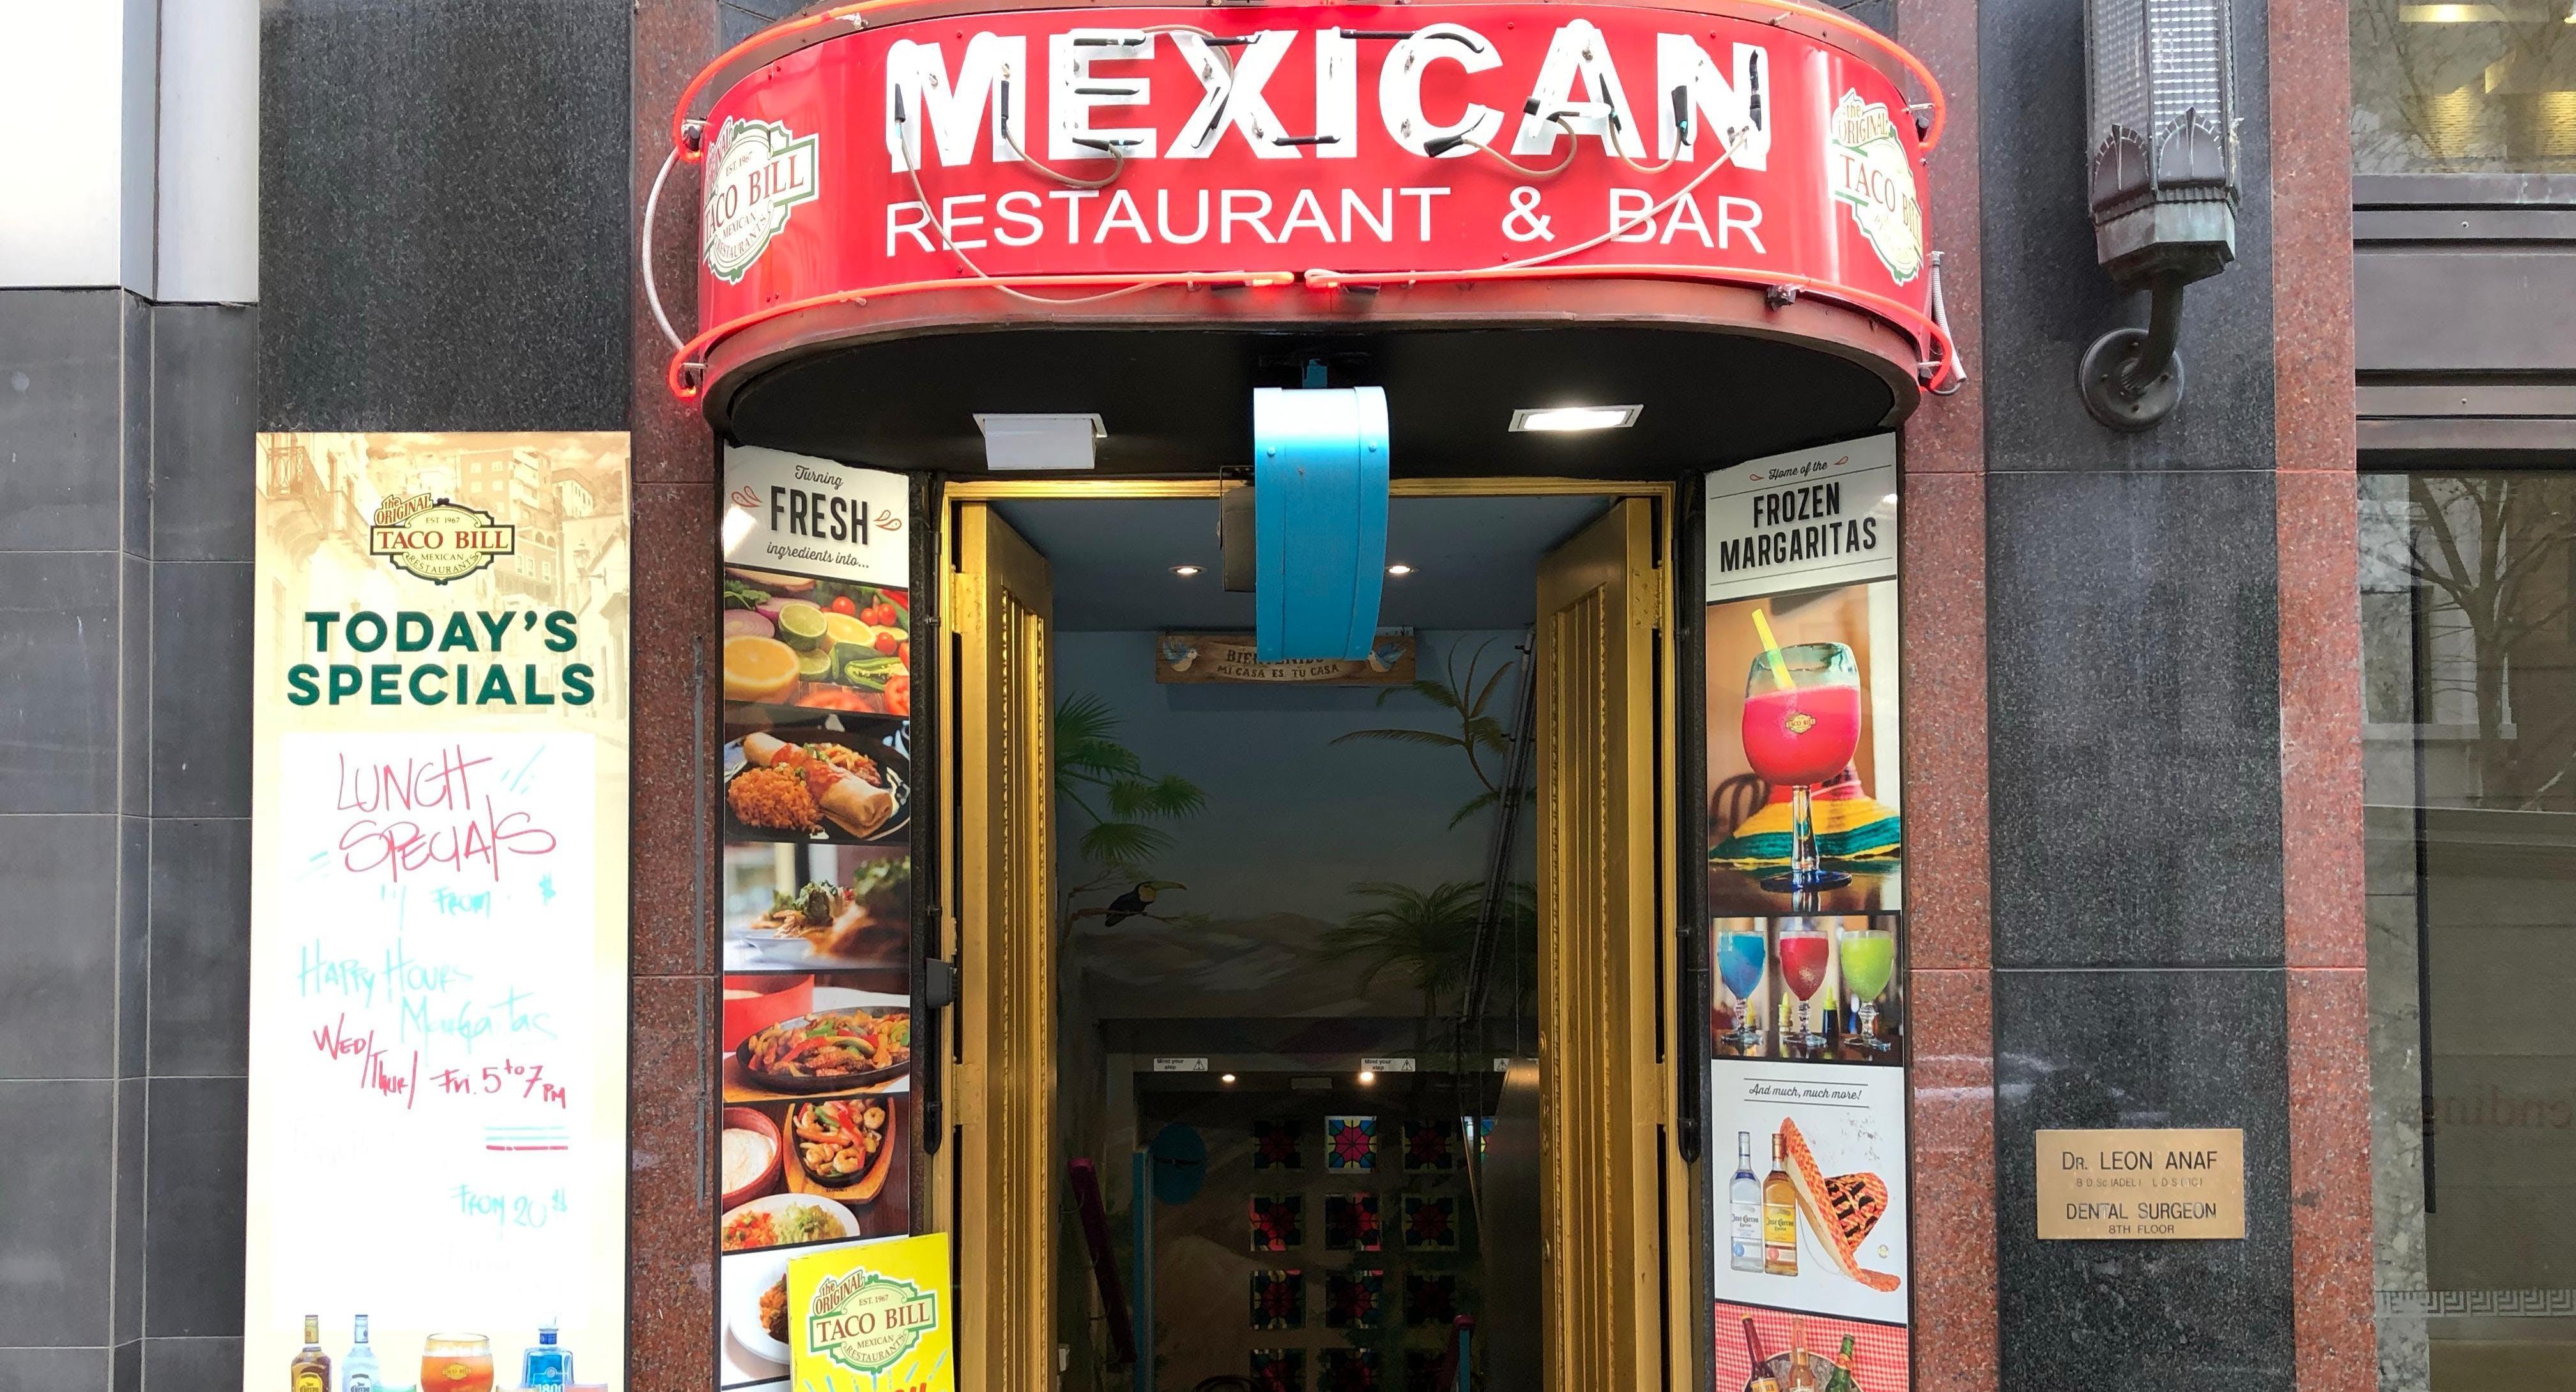 Taco Bill - Collins Street